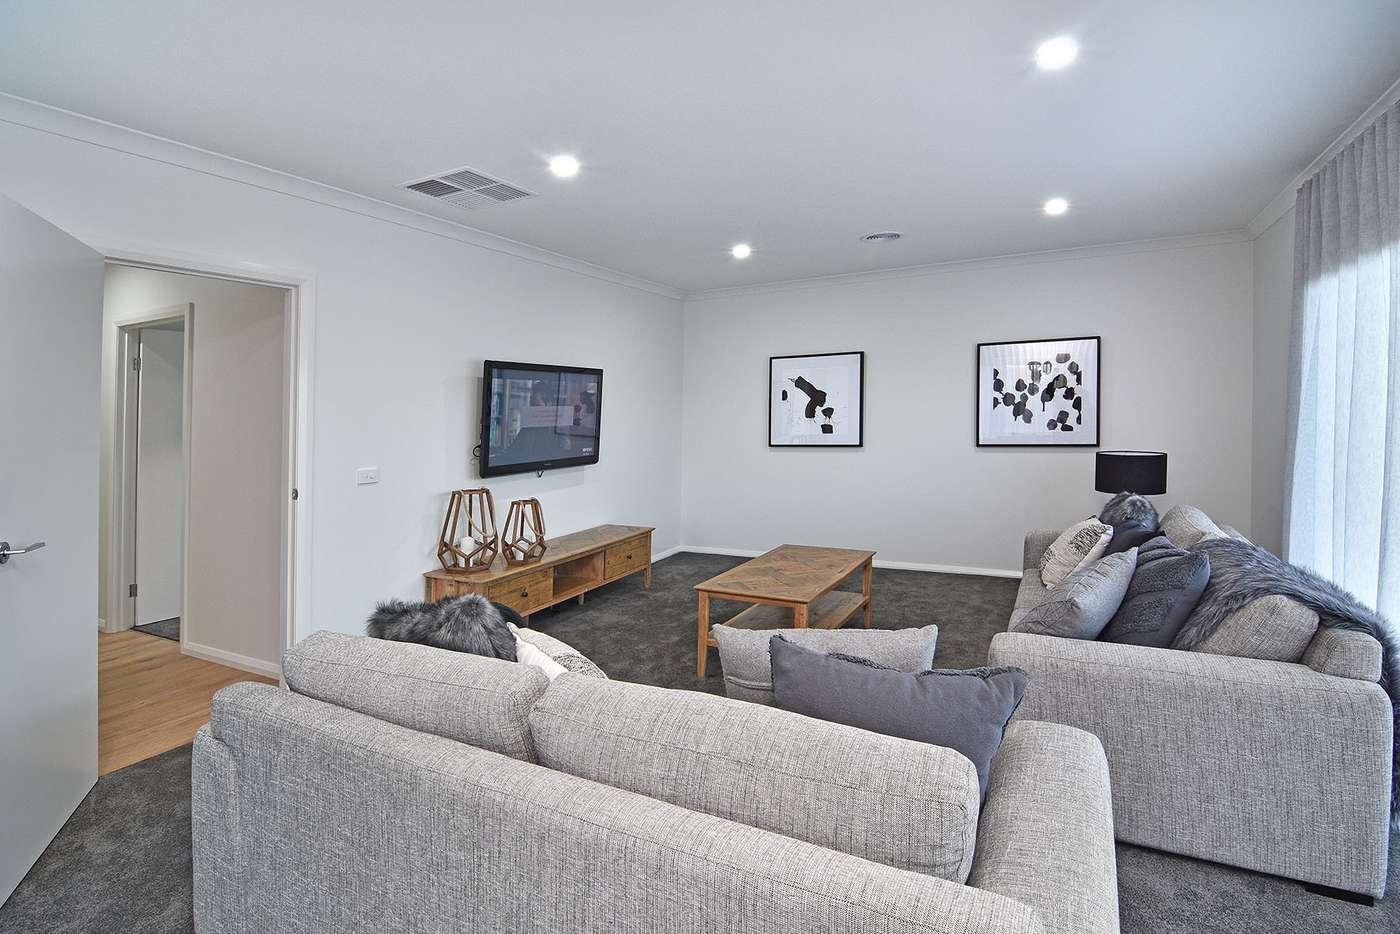 Sixth view of Homely house listing, 12 Charlton Road, Killara VIC 3691